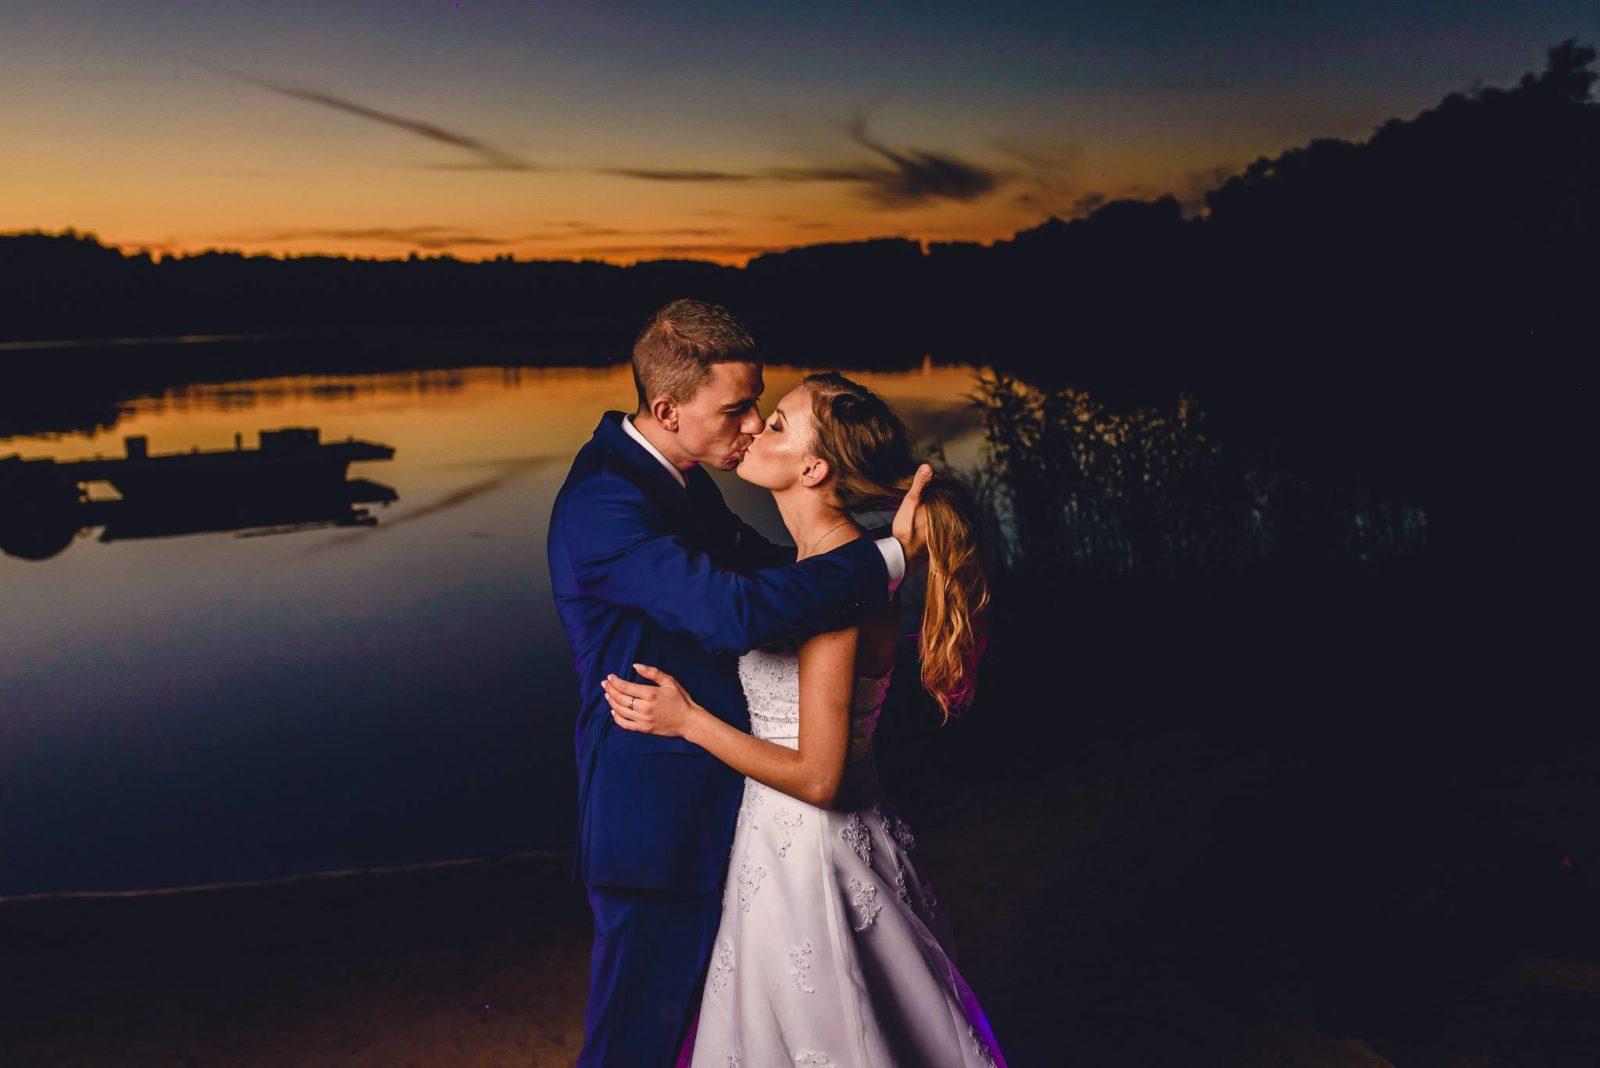 Fotograf ślubny Dworek Wapionka